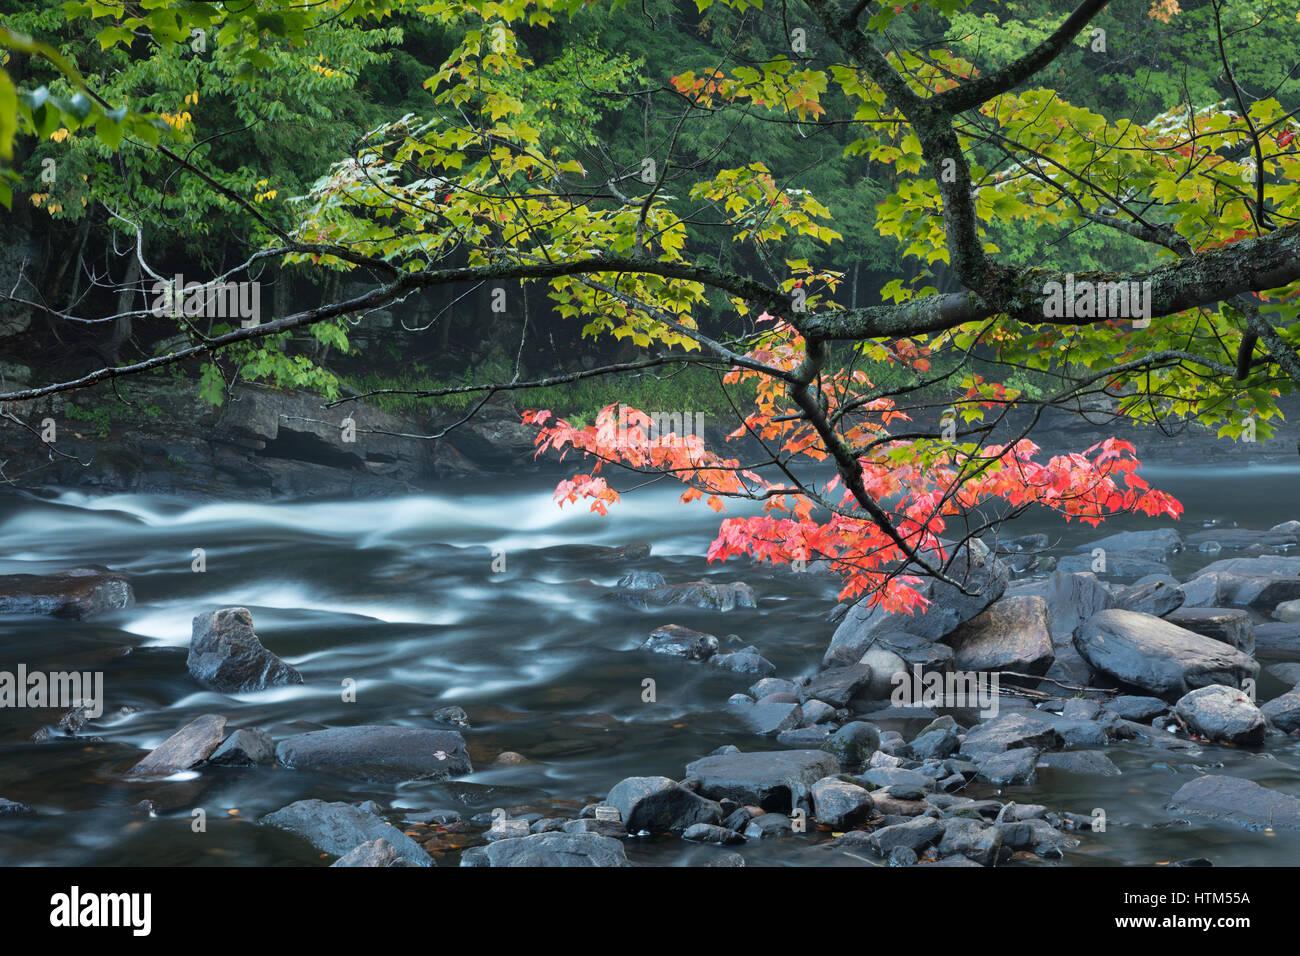 Couleurs d'automne le long de la rivière Oxtongue Oxtongue, Rapids Park, Ontario, Canada Banque D'Images